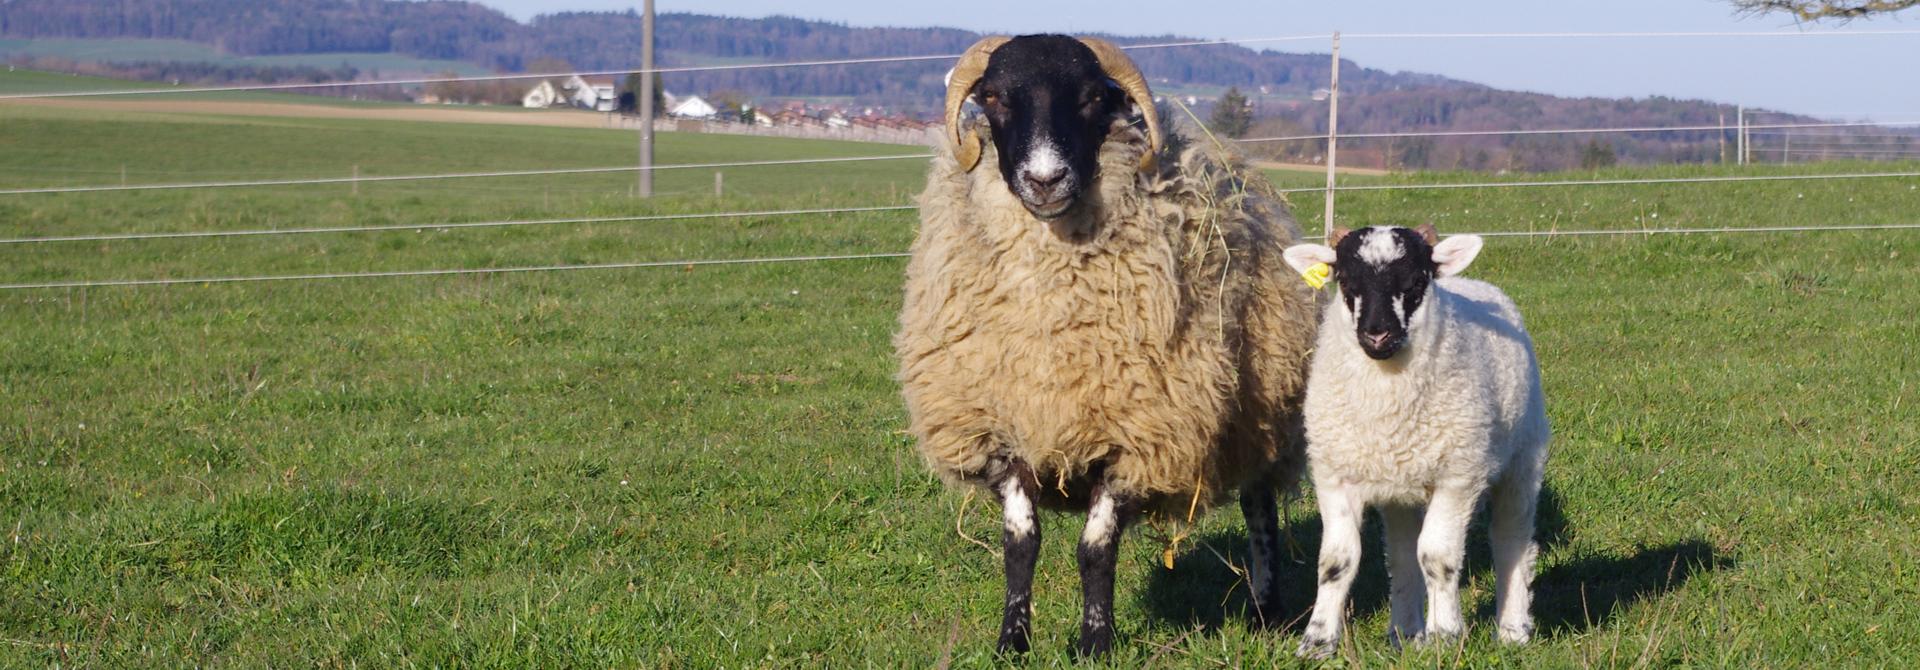 Schafe auf der Weide>